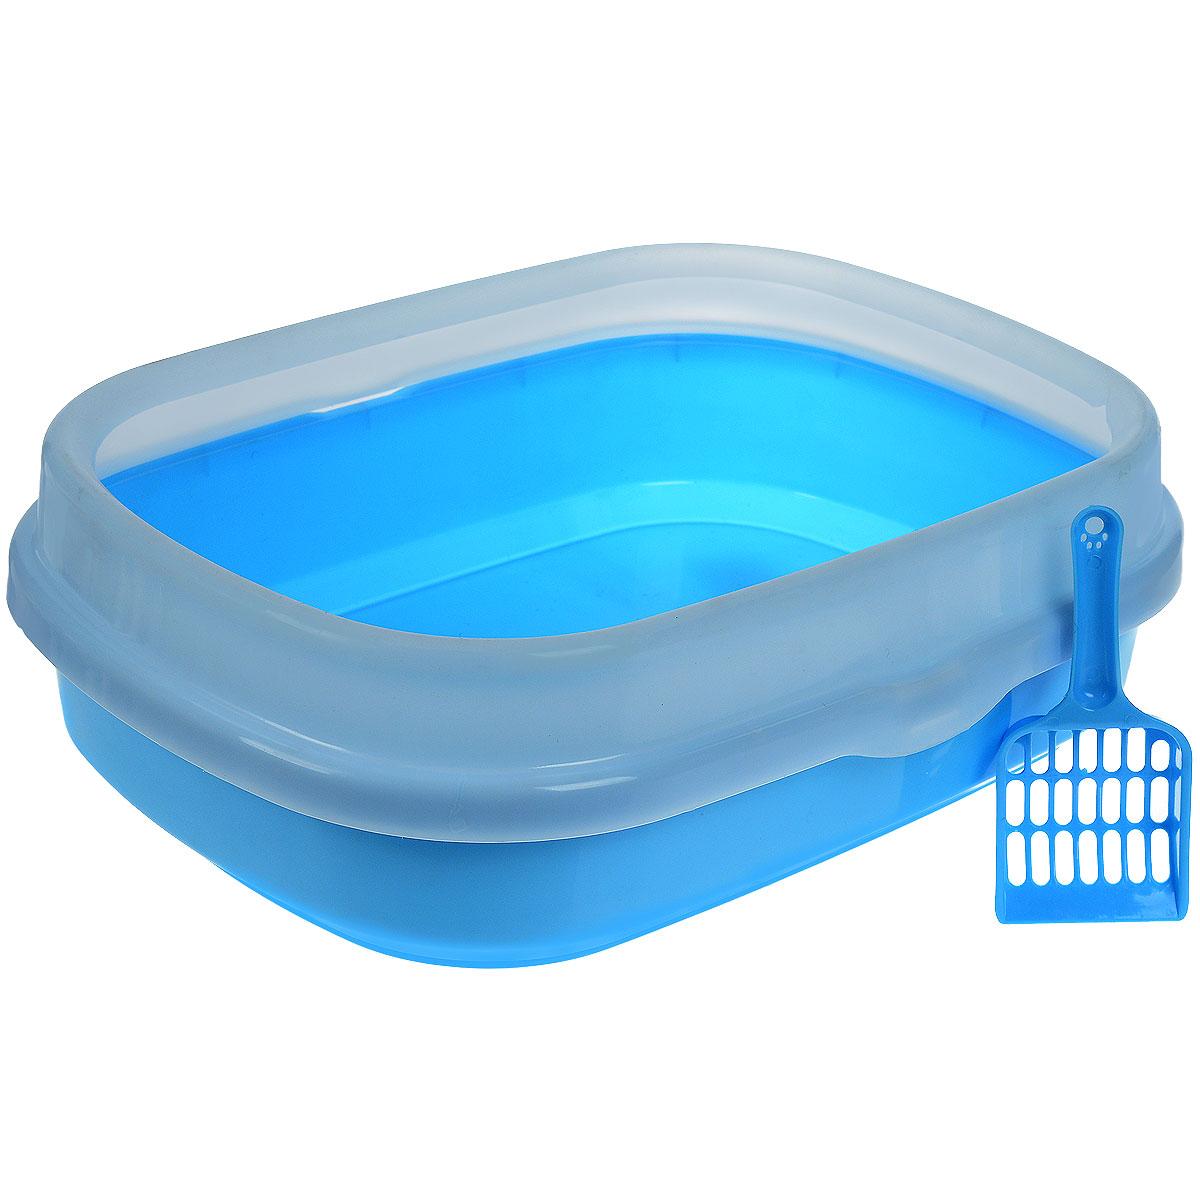 Туалет для кошек Галакси, с бортом, с совком, цвет: голубой, белый, 54 см х 42 см х 17 смP192_голубойТуалет для кошек Галакси изготовлен из качественного прочного пластика. Высокий борт, прикрепленный по периметру лотка, удобно защелкивается и предотвращает разбрасывание наполнителя. Это самый простой в употреблении предмет обихода для кошек и котов. К лотку прилагается совок для уборки кошачьего туалета, изготовленный из качественного пластика. Совок с крупной сеткой позволит освободить туалет от образовавшихся комков и просеять наполнитель. На ручке совка есть отверстие для подвешивания на стену. С помощью этого совка вы сможете быстро и качественно убрать туалет кошки. Размер лотка: 54 см х 42 см х 17 см. Длина совка: 20 см. Рабочая поверхность совка: 8 см х 9 см х 2 см.